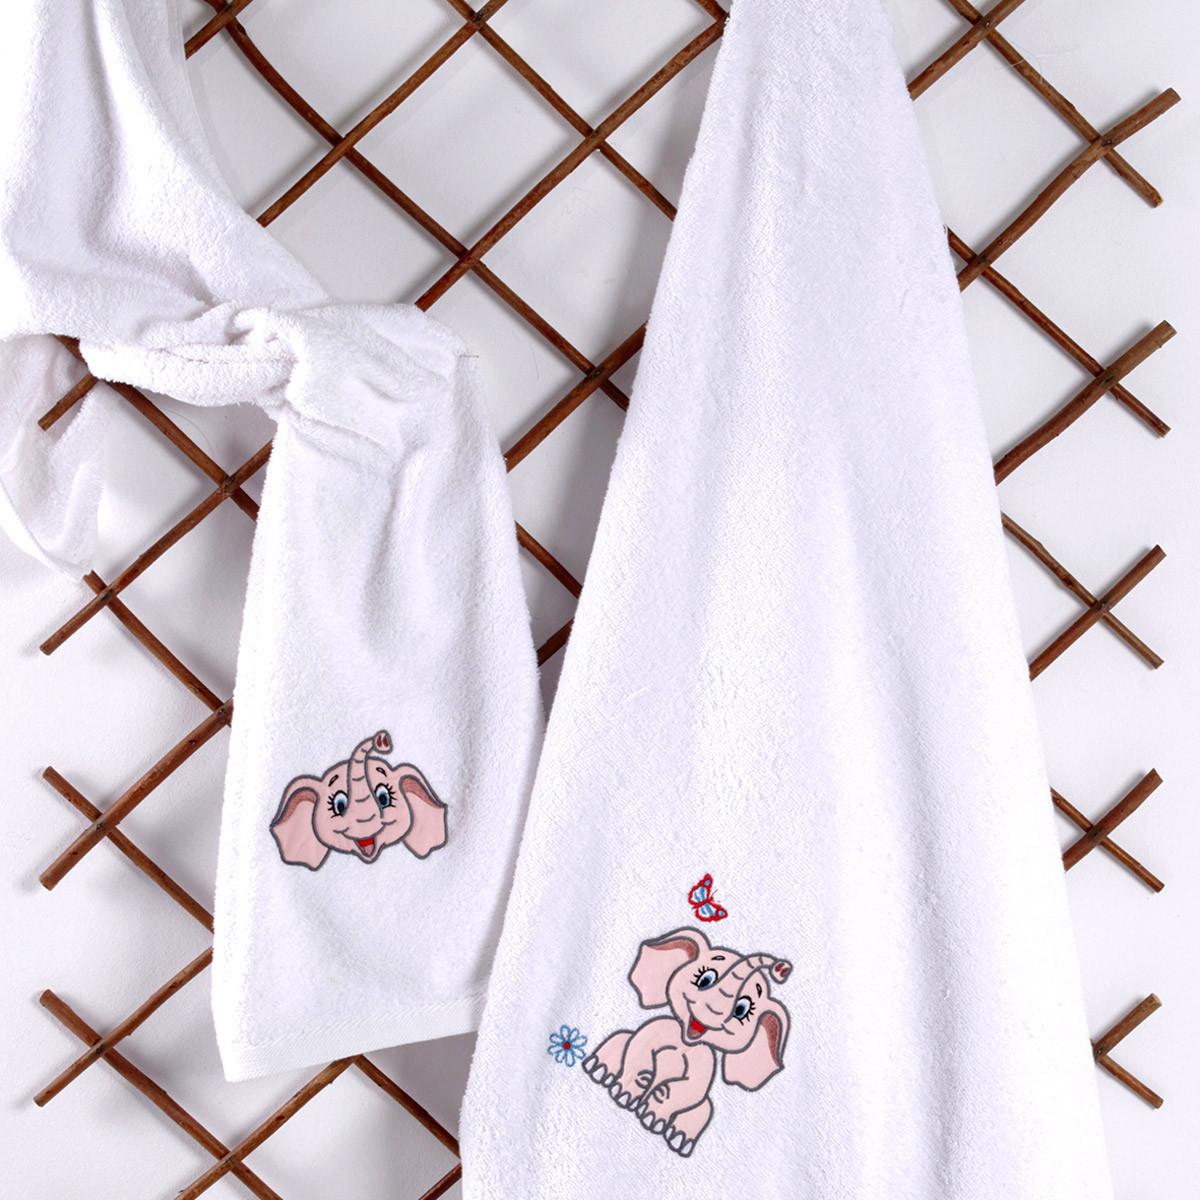 Βρεφικές Πετσέτες (Σετ 2τμχ) Sb Home Baby Dumbo Pink